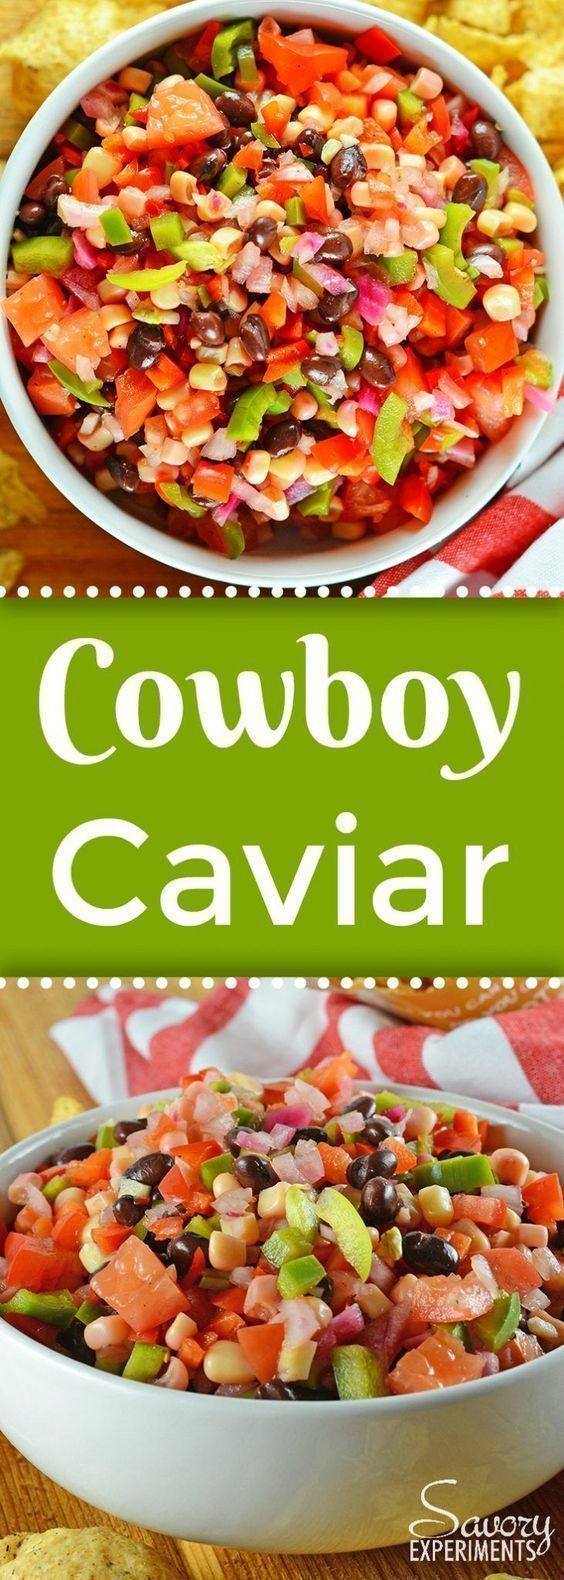 Cowboy Caviar Dip ist mein beliebtestes Rezept! Dieser texanische Kaviar wird mi... - #beliebtestes #Caviar #Cowboy #Dieser #Dip #ist #Kaviar #Mein #mi #Rezept #texanische #Wird #cowboycaviar Cowboy Caviar Dip ist mein beliebtestes Rezept! Dieser texanische Kaviar wird mi... - #beliebtestes #Caviar #Cowboy #Dieser #Dip #ist #Kaviar #Mein #mi #Rezept #texanische #Wird #cowboycaviar Cowboy Caviar Dip ist mein beliebtestes Rezept! Dieser texanische Kaviar wird mi... - #beliebtestes #Caviar #Cowboy #cowboycaviar